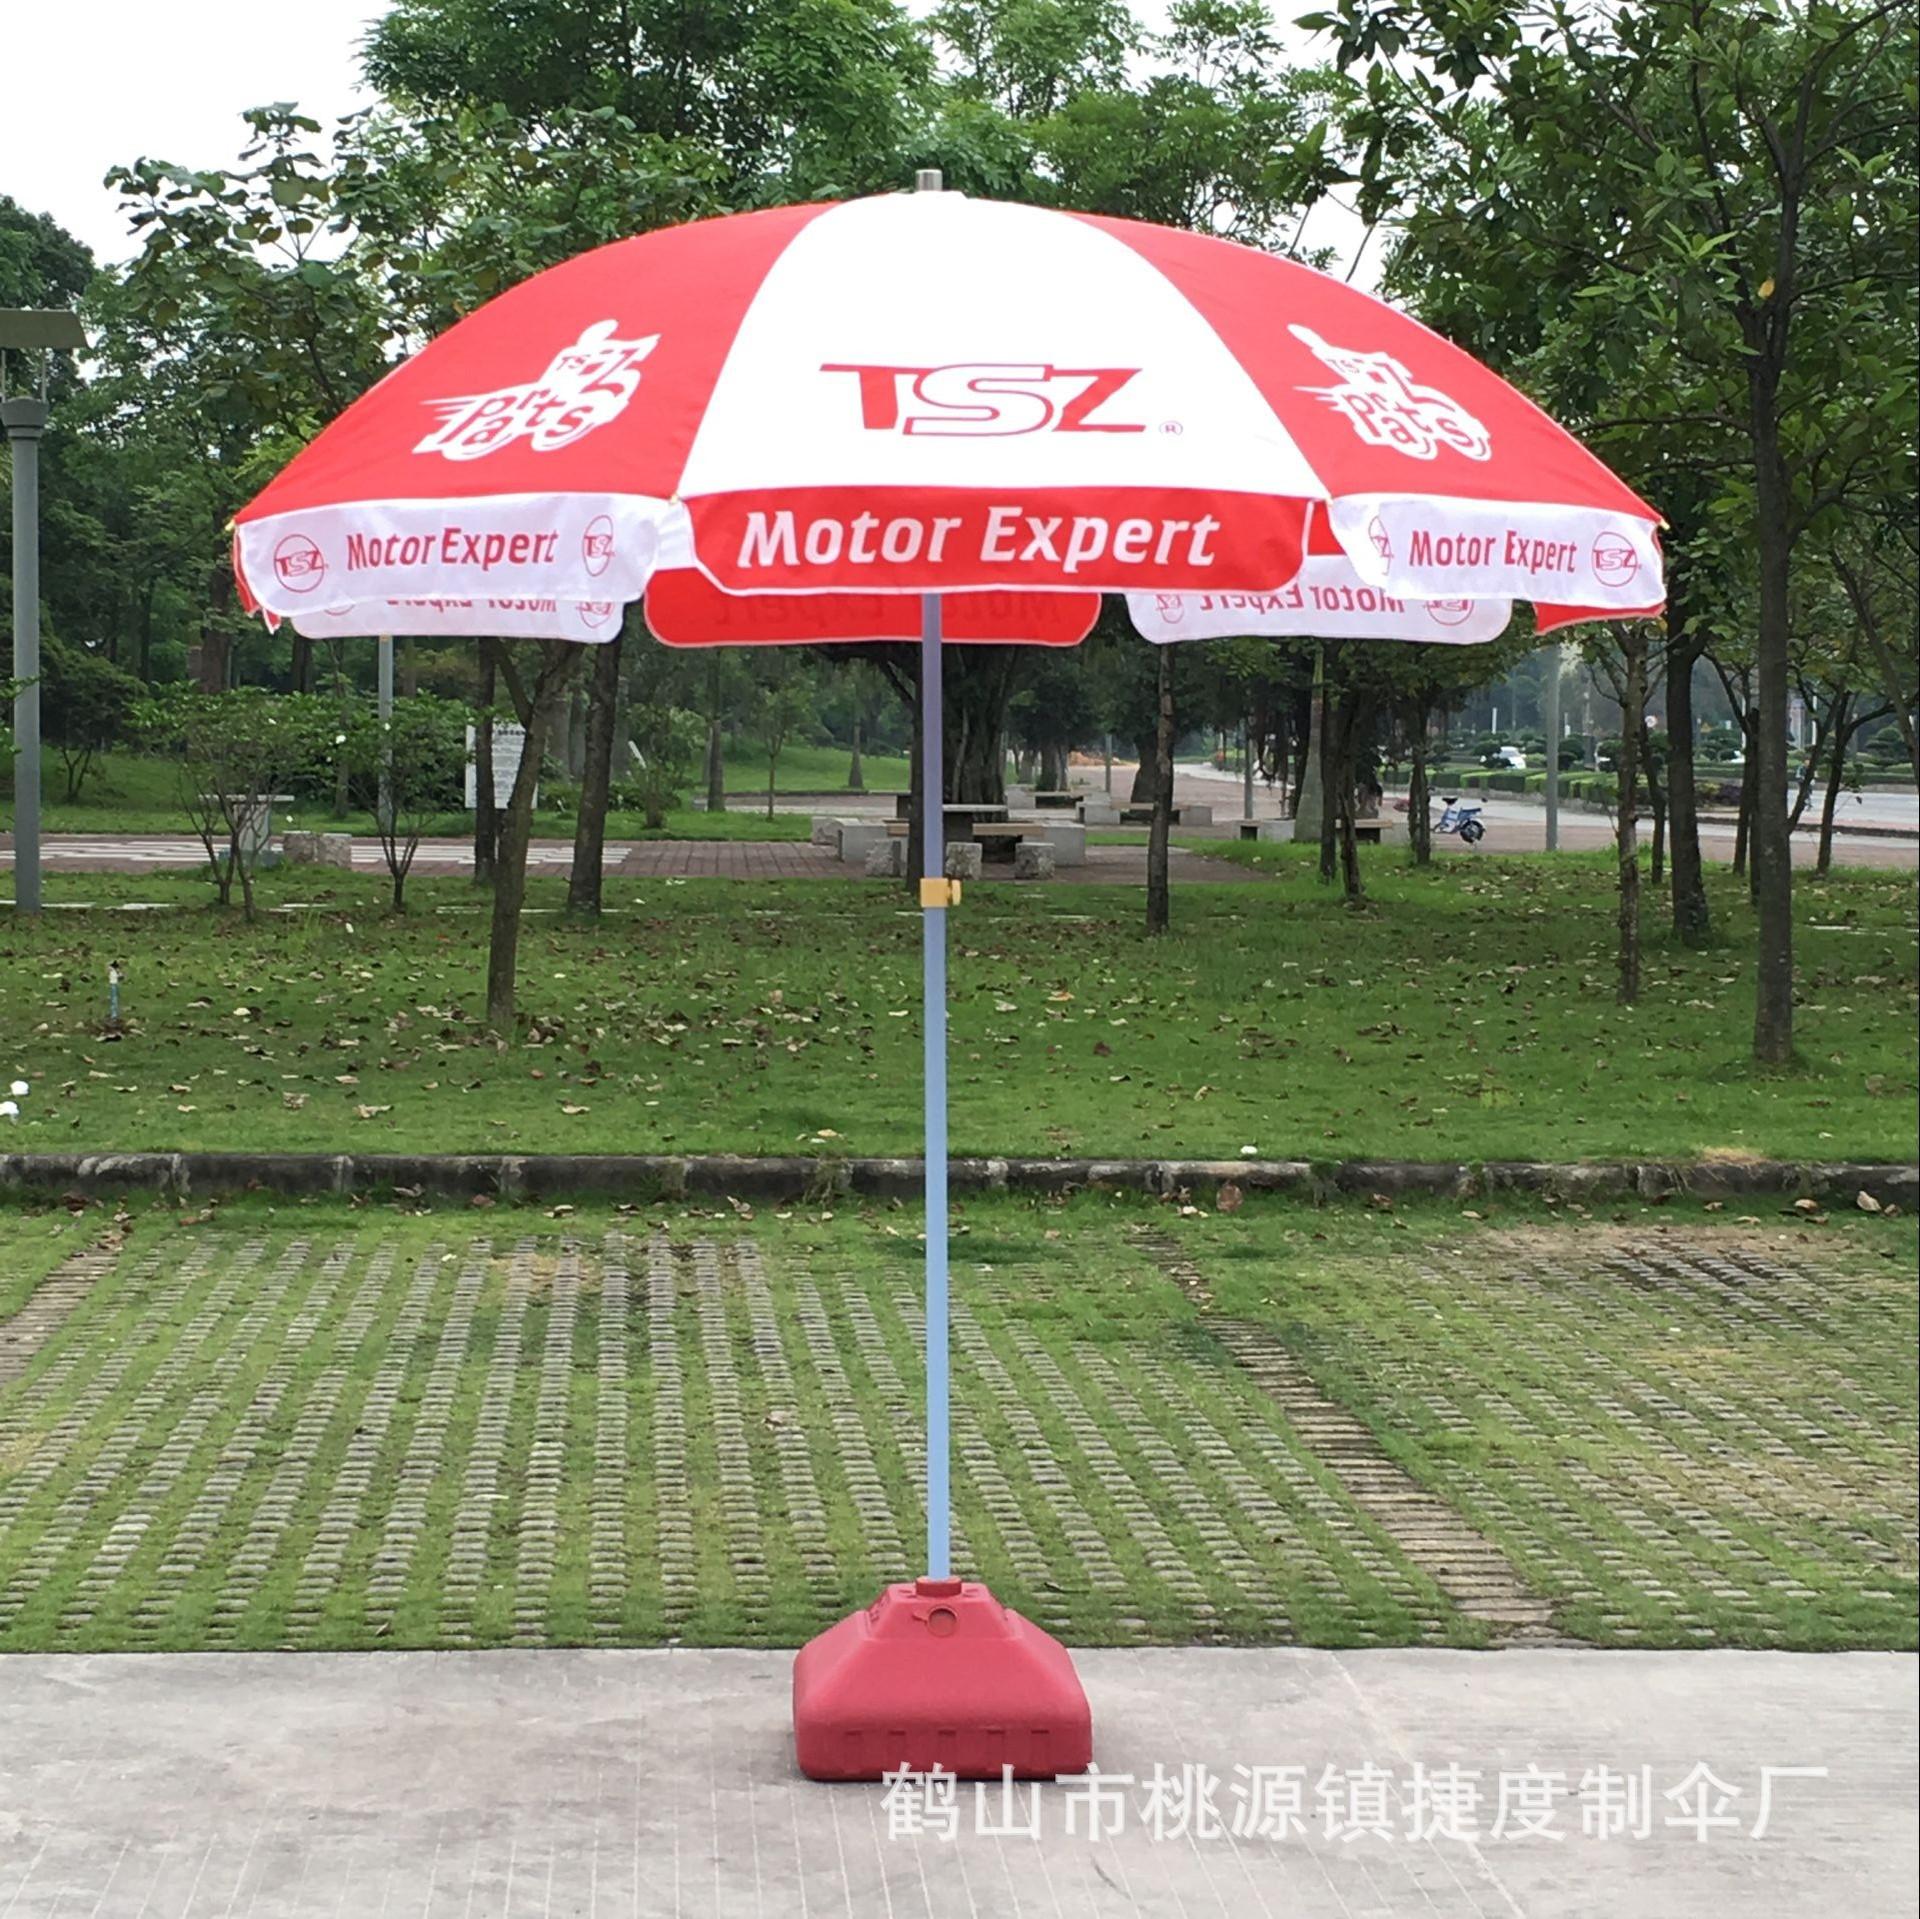 户外沙滩伞大号防风遮阳伞促销广告太阳伞摆地摊遮阳伞定做礼品伞